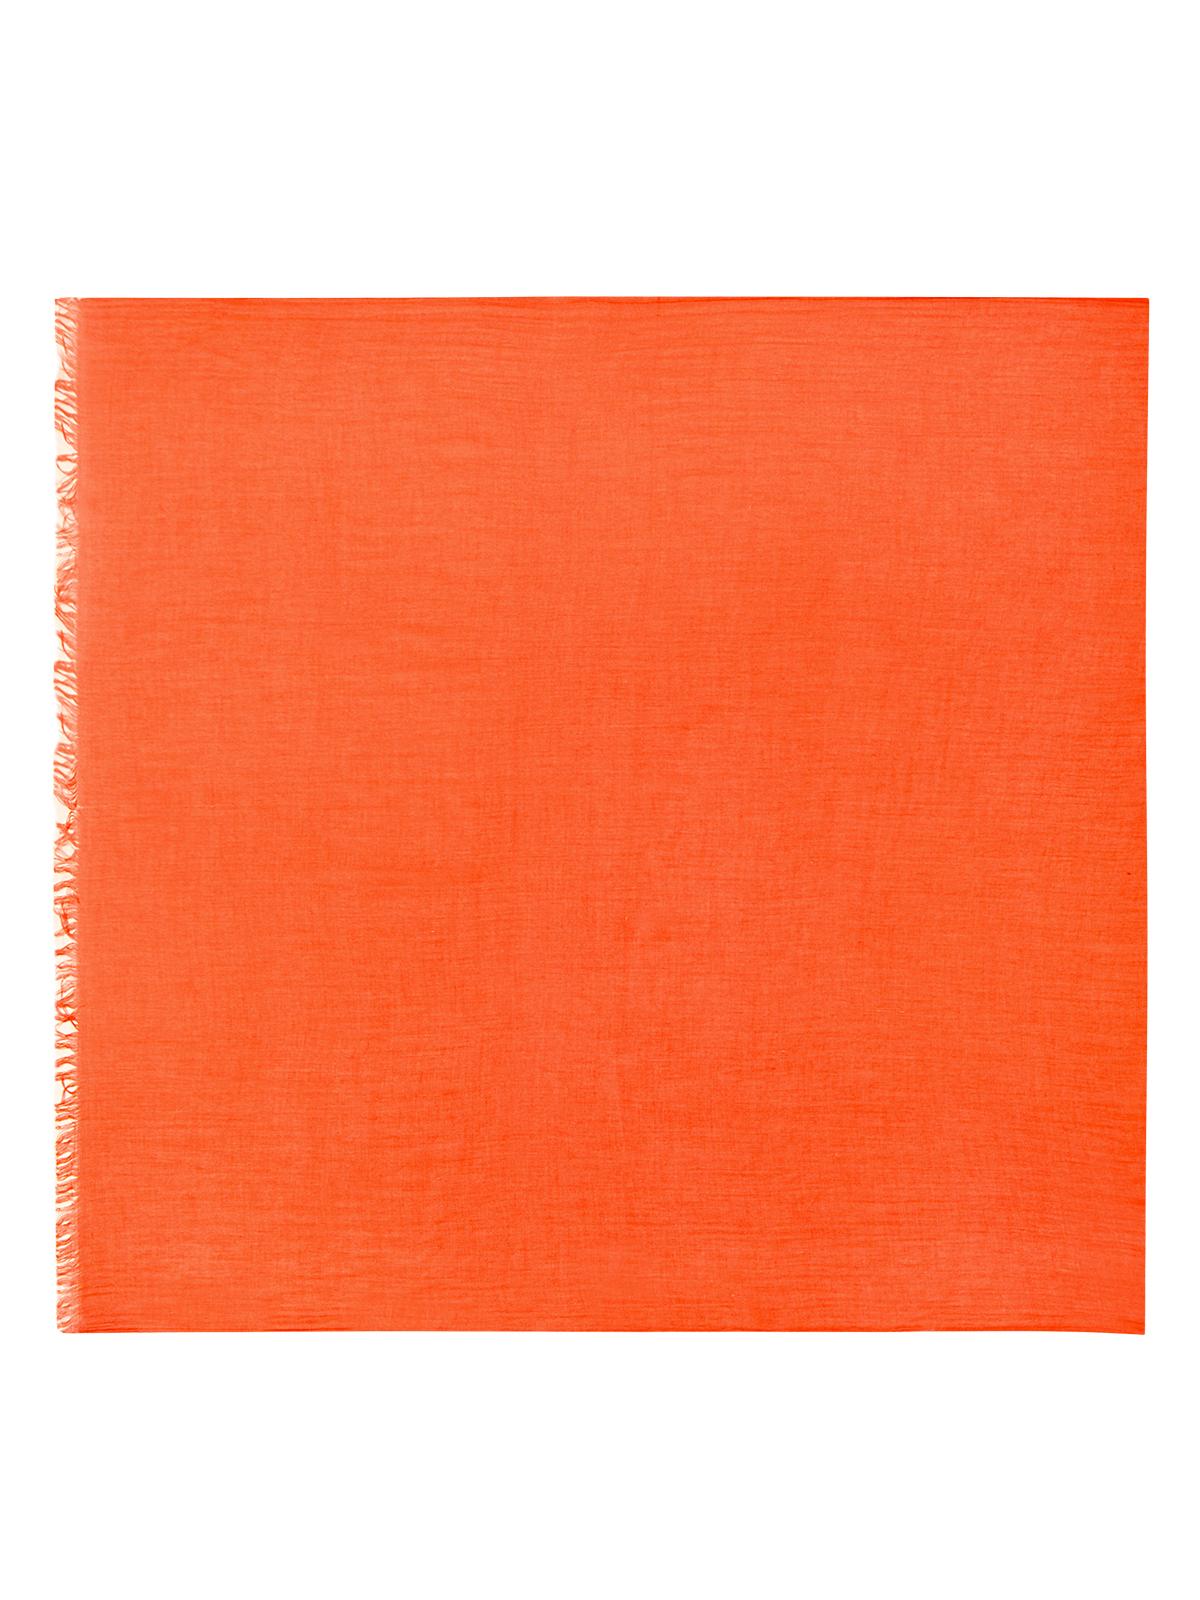 Шарф оранжевого цветаШарфы<br><br>Материал верха: Текстиль<br>Цвет: Оранжевый<br>Дизайн: Италия<br>Страна производства: Италия<br><br>Материал верха: Текстиль<br>Цвет: Оранжевый<br>Пол: Женский<br>Размер: Без размера